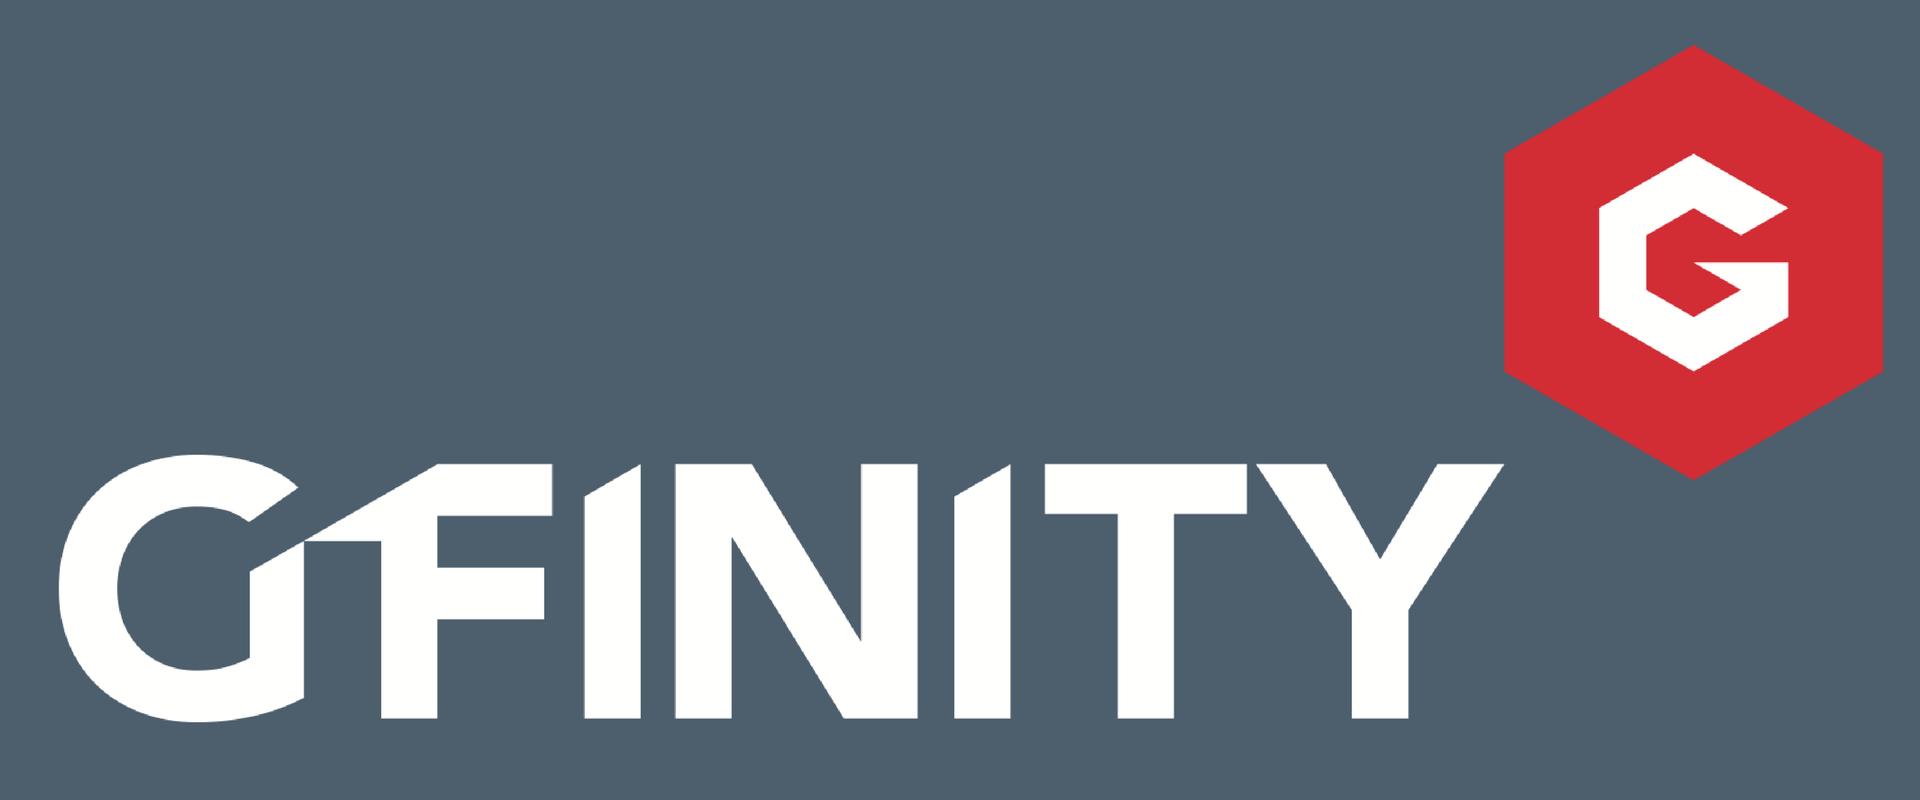 Gfinity_nie_zwalnia_tempa